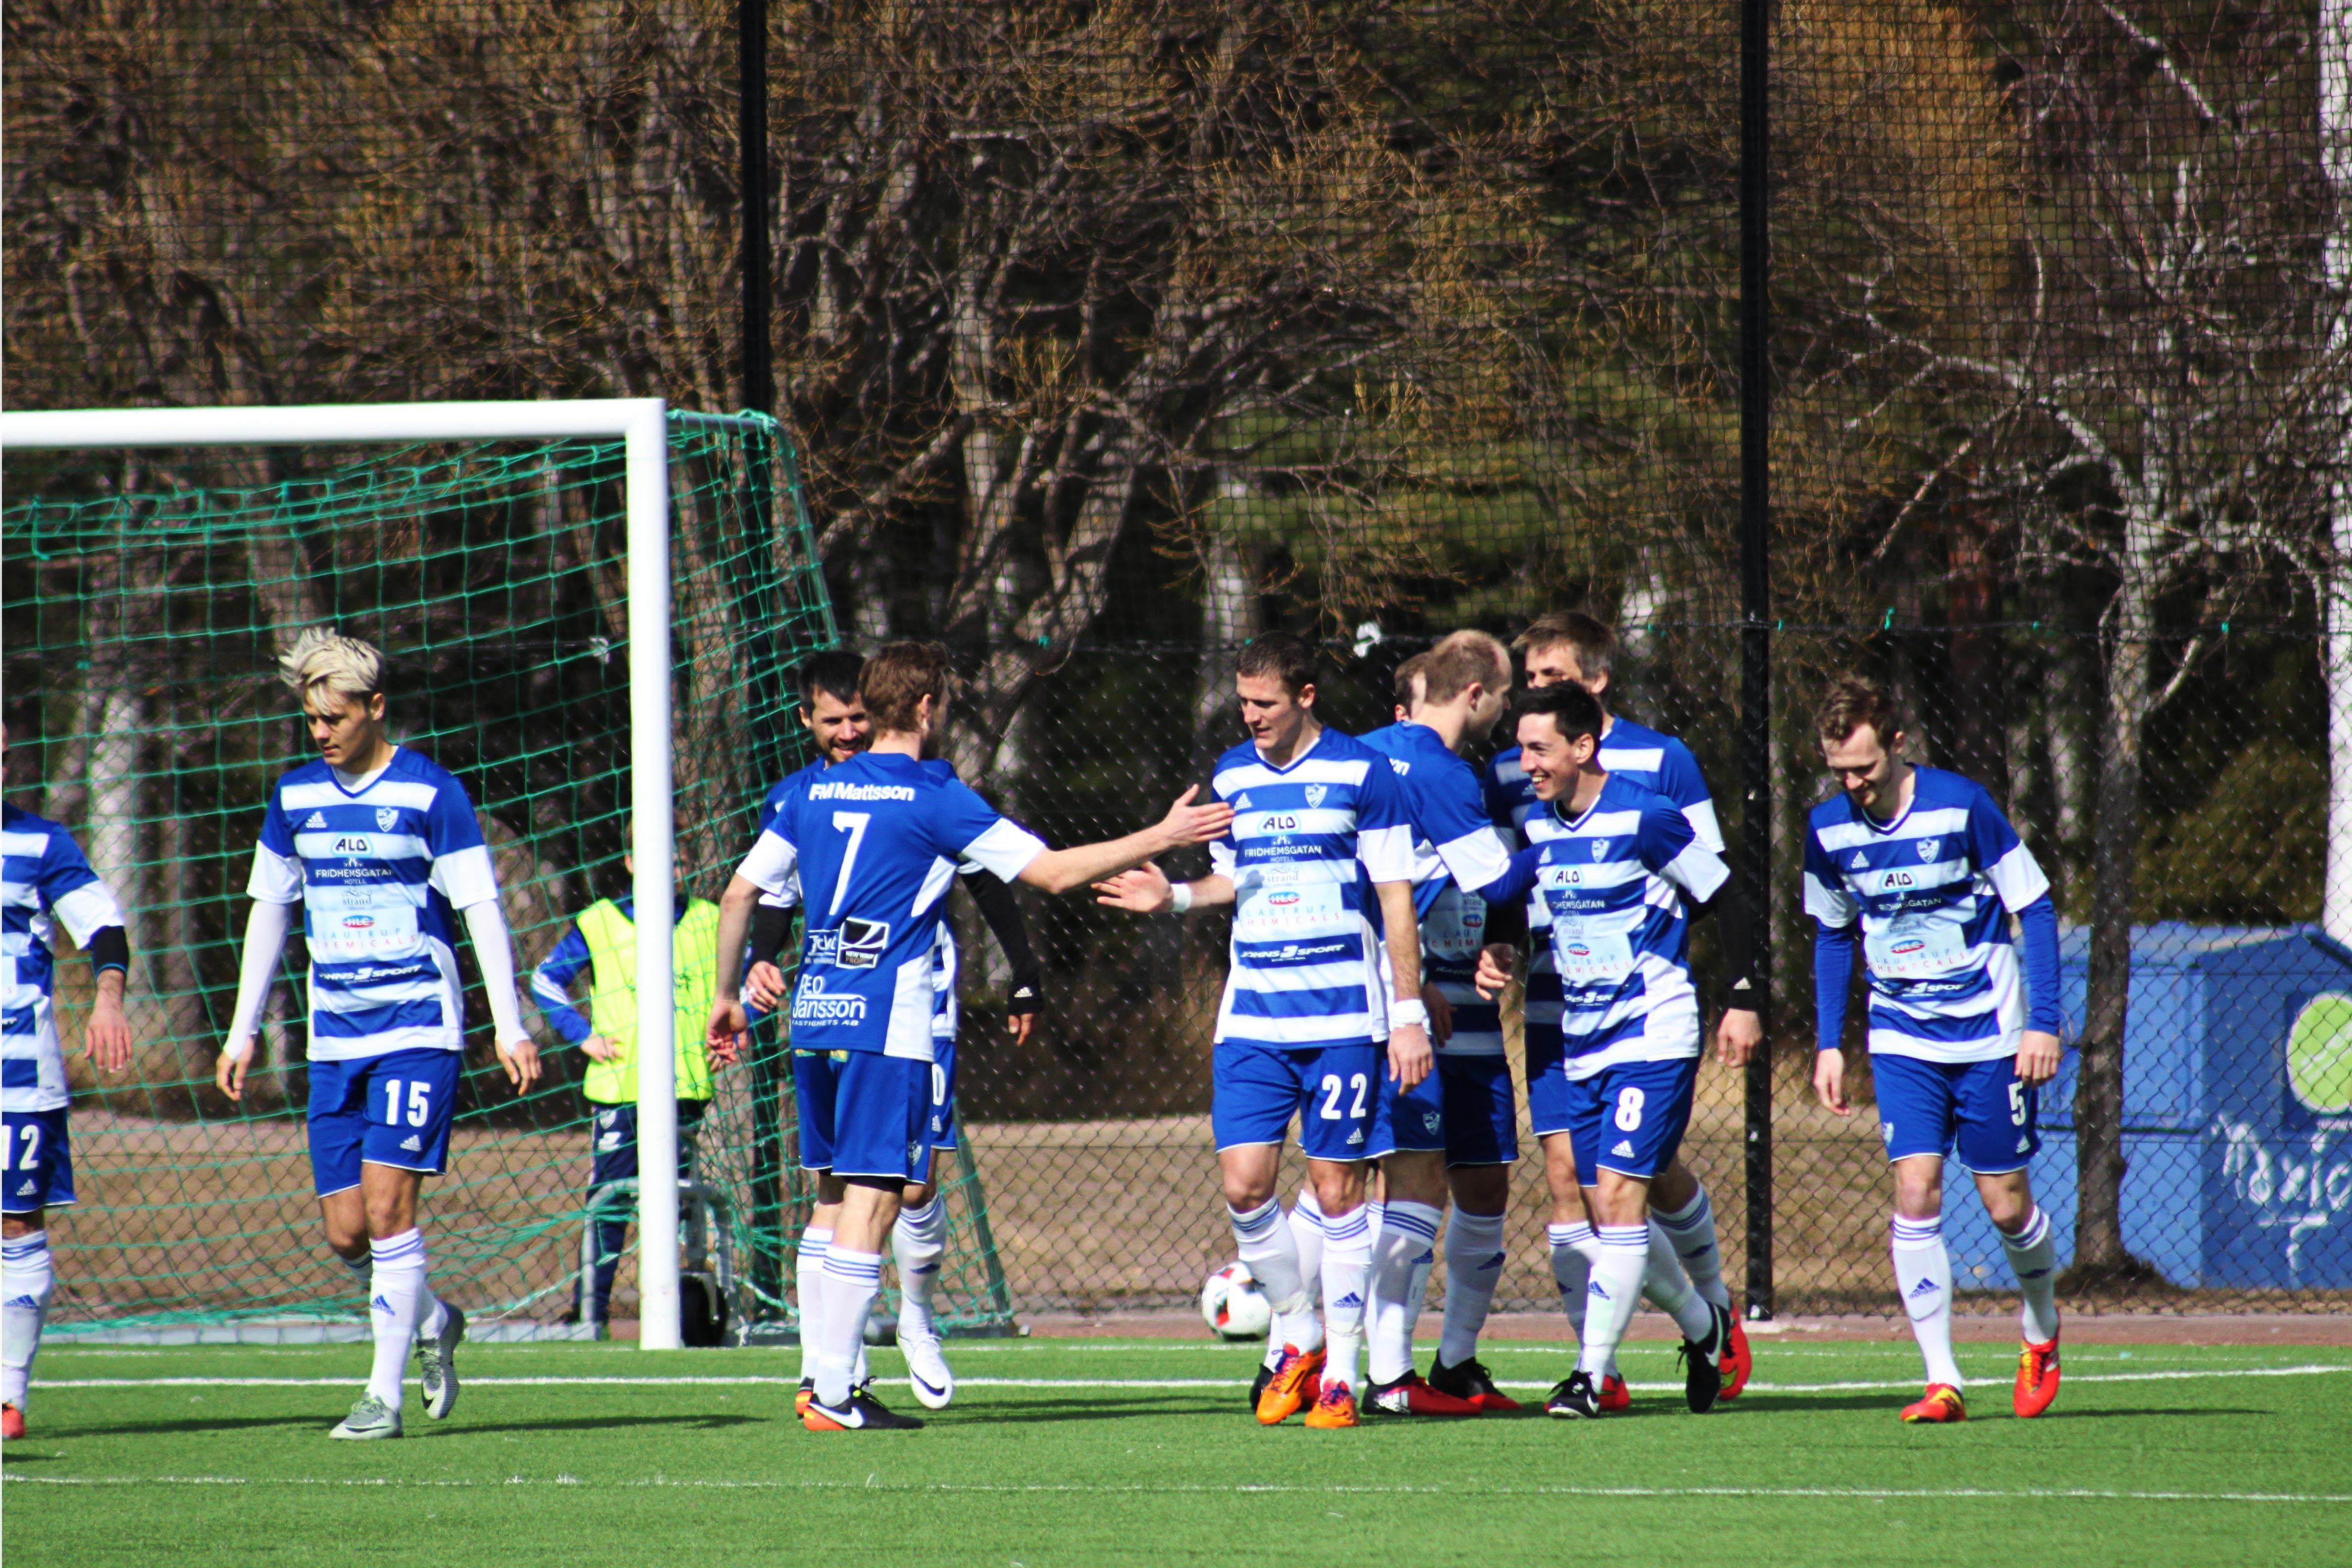 Fotboll herrar IFK Mora FK - Hille IF